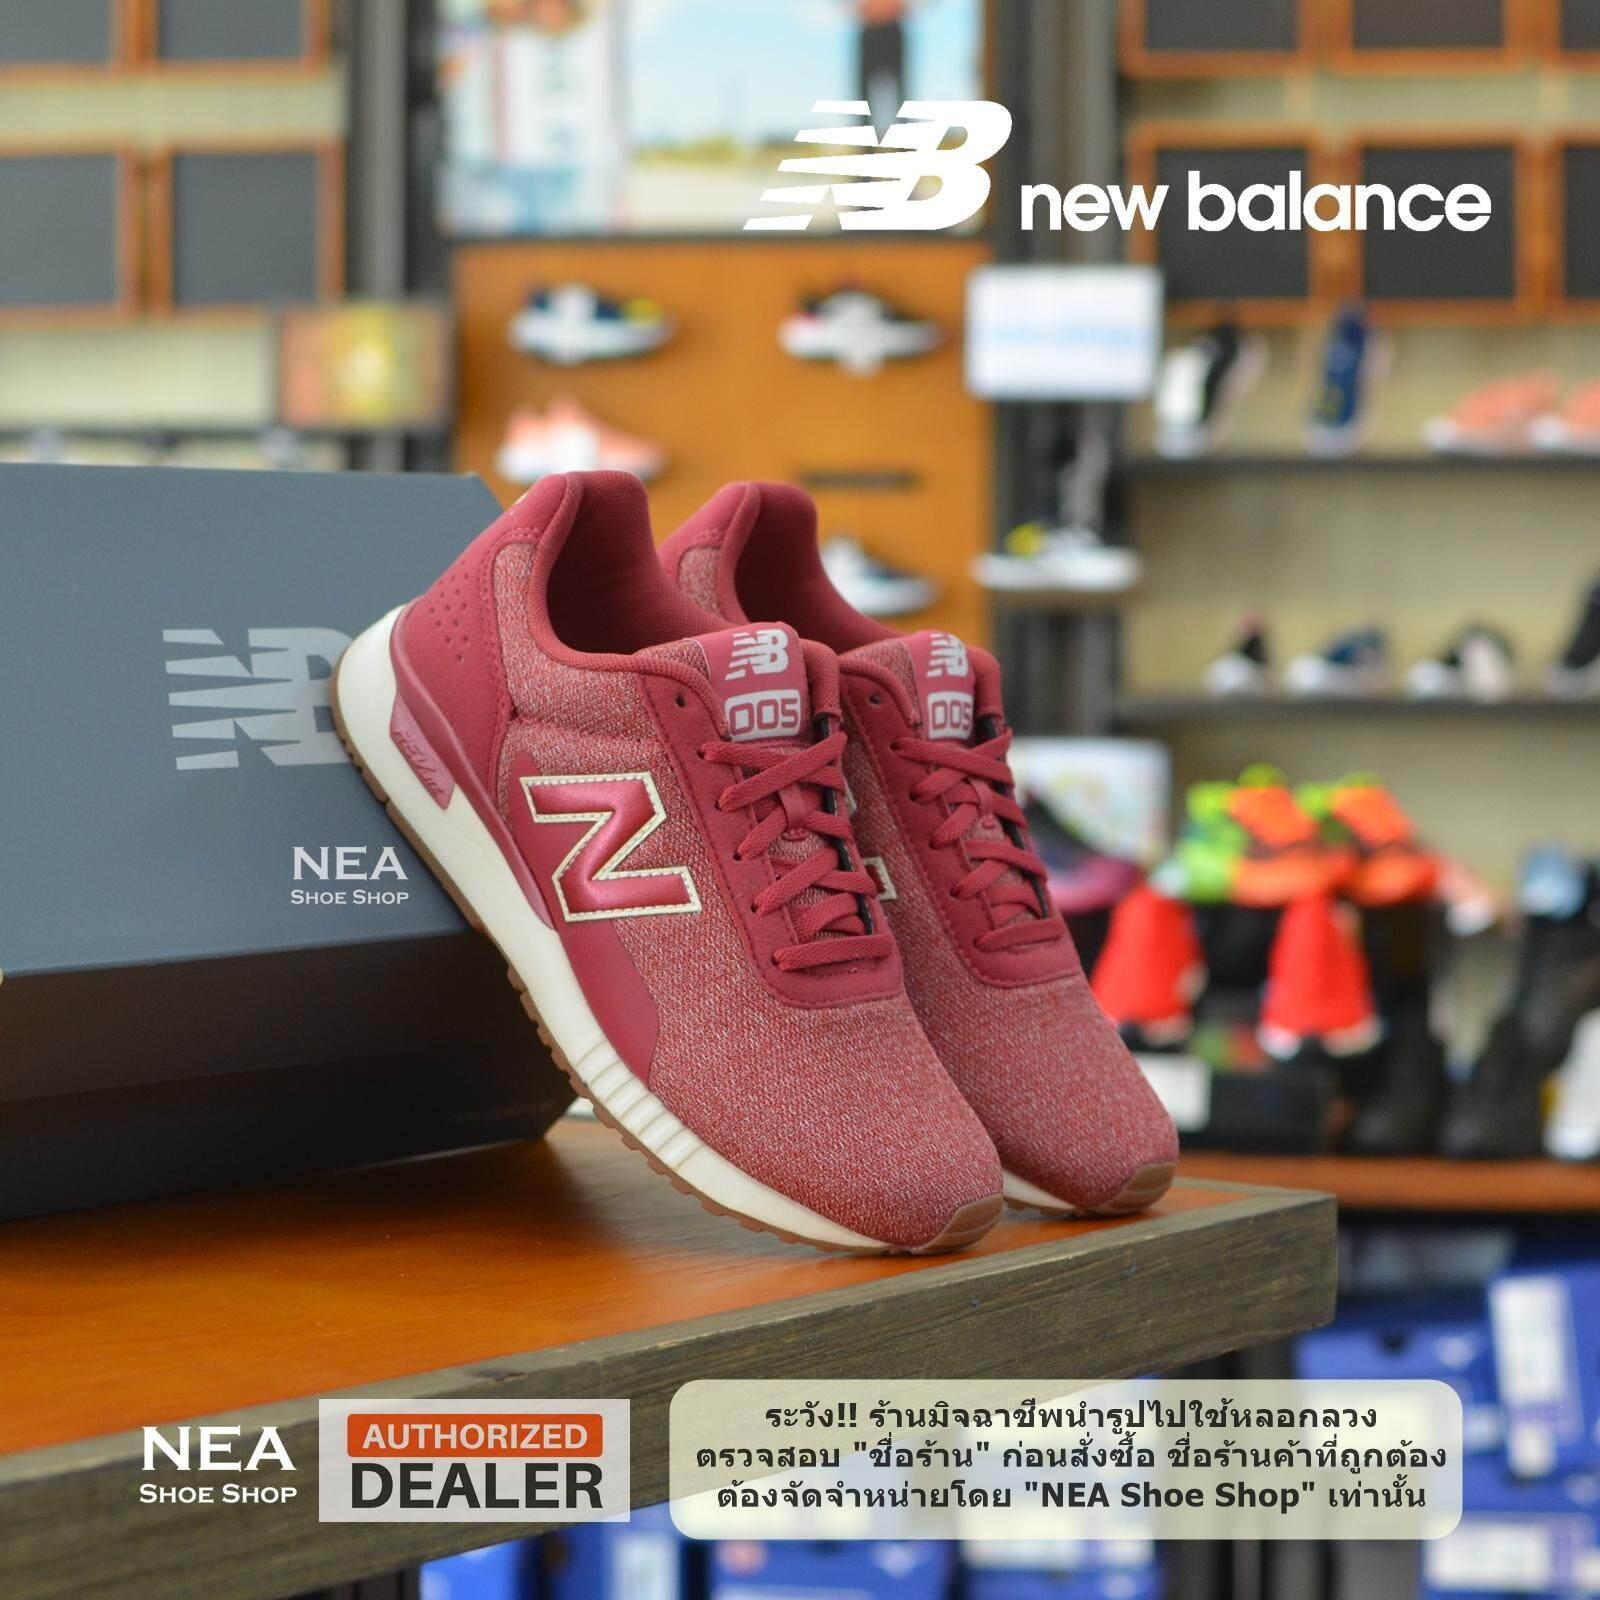 การใช้งาน  ระยอง [ลิขสิทธิ์แท้] New Balance 005 Classic รองเท้า นิวบาลานซ์ ผู้หญิง